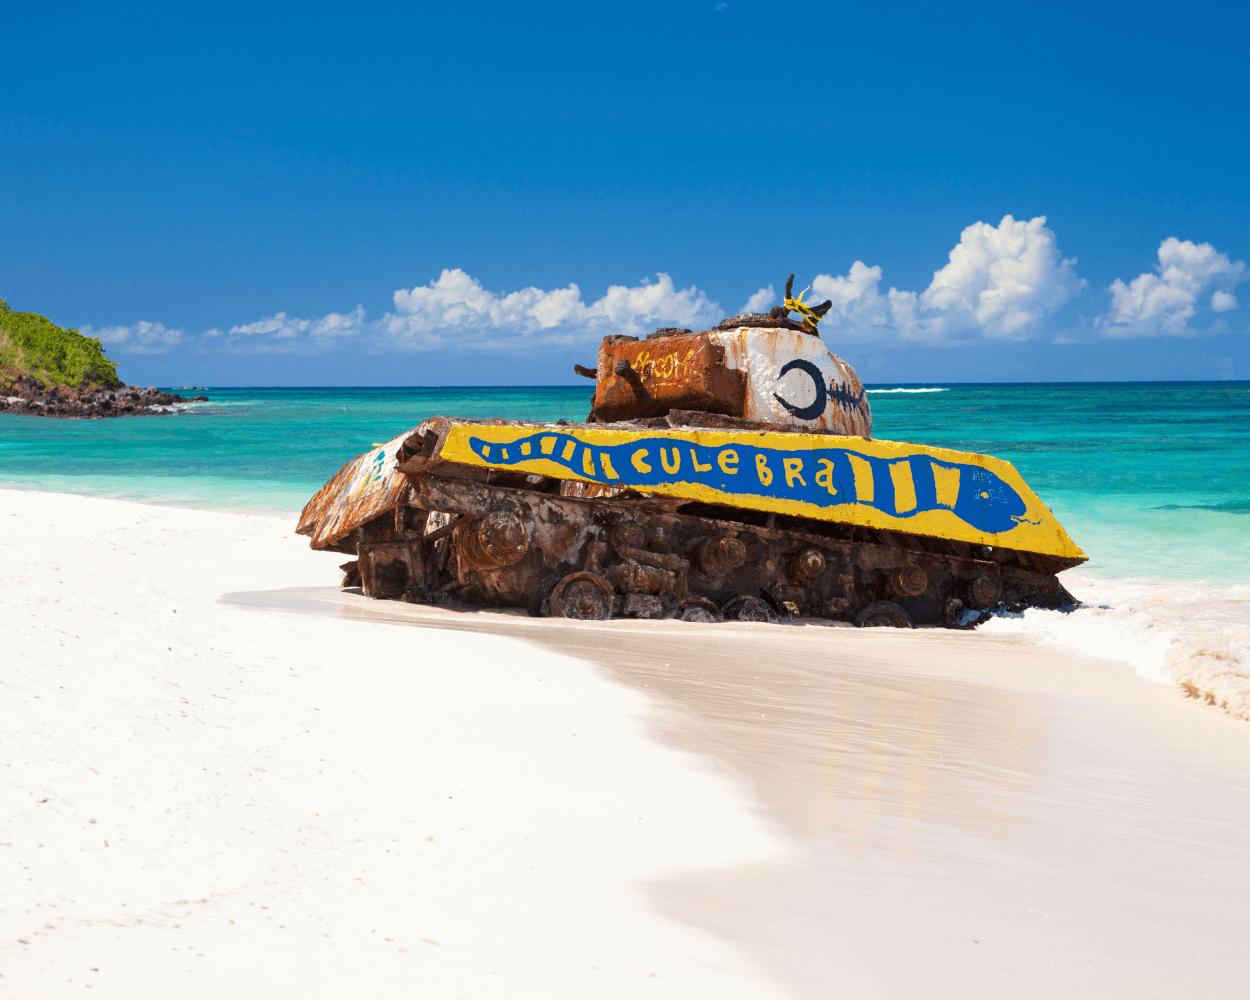 Flamenco Beach Tank Culebra